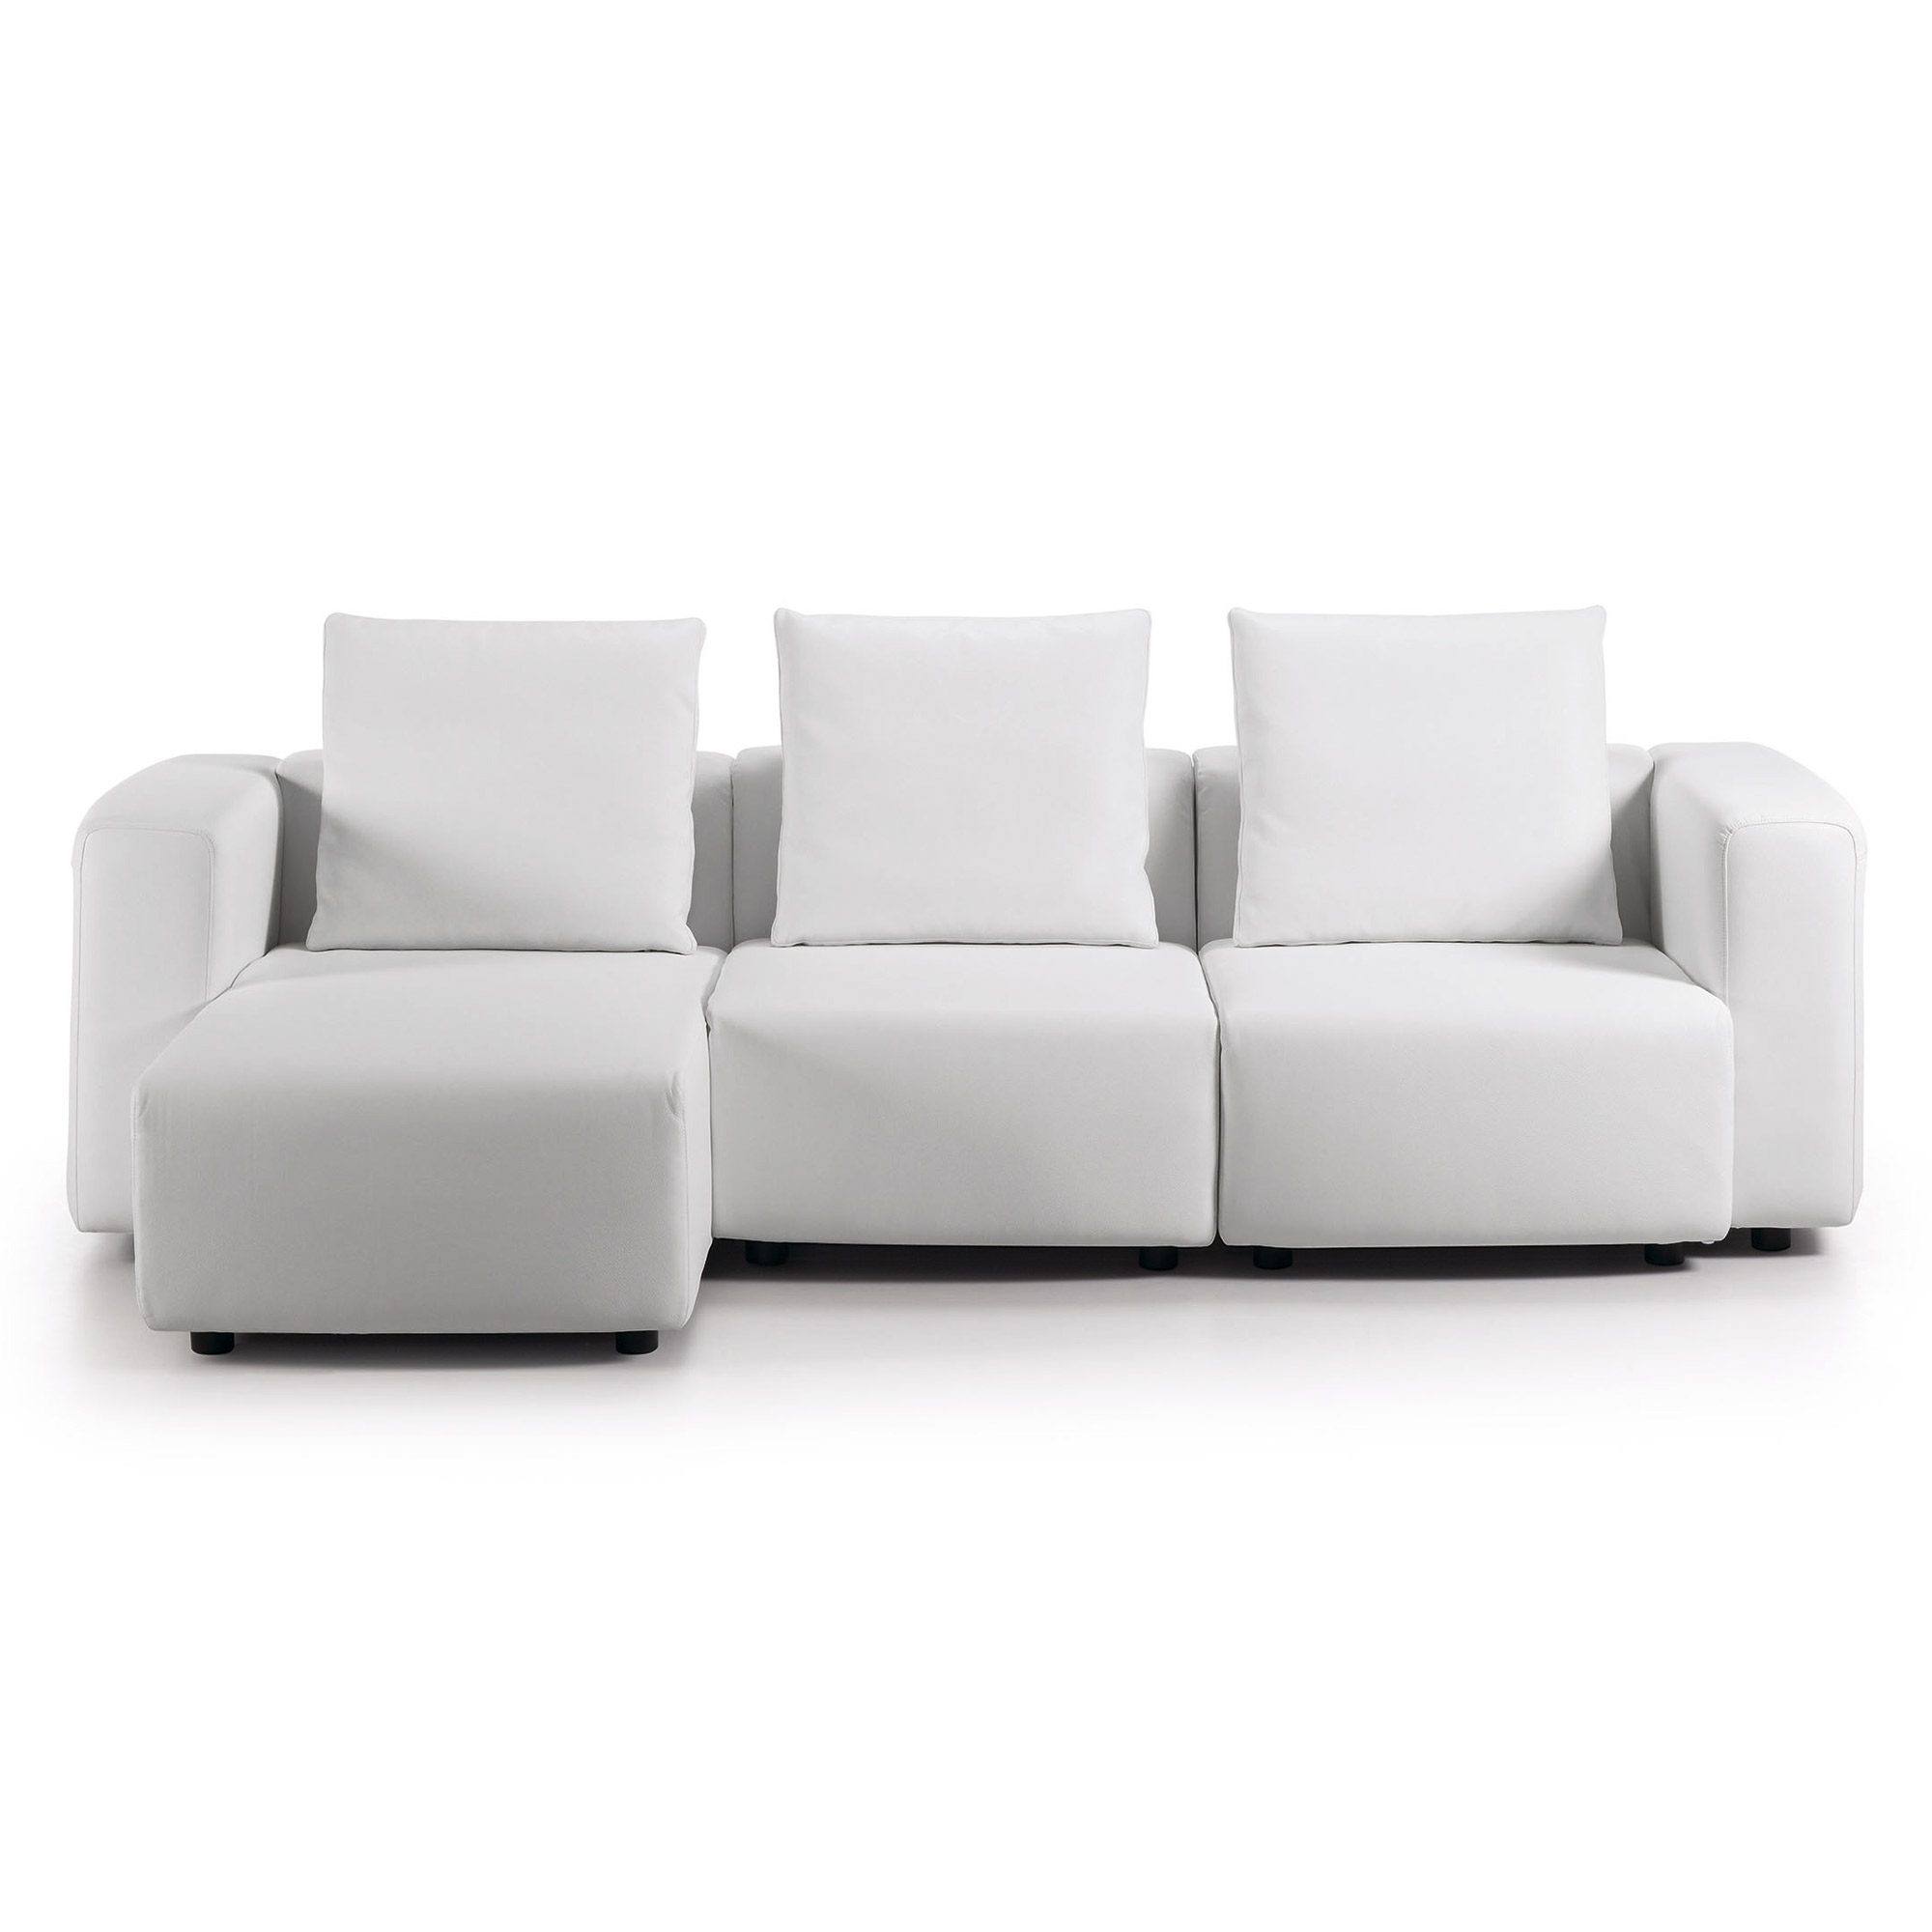 module sofa 3p chaise eco piel blanco puro ep05 no. Black Bedroom Furniture Sets. Home Design Ideas